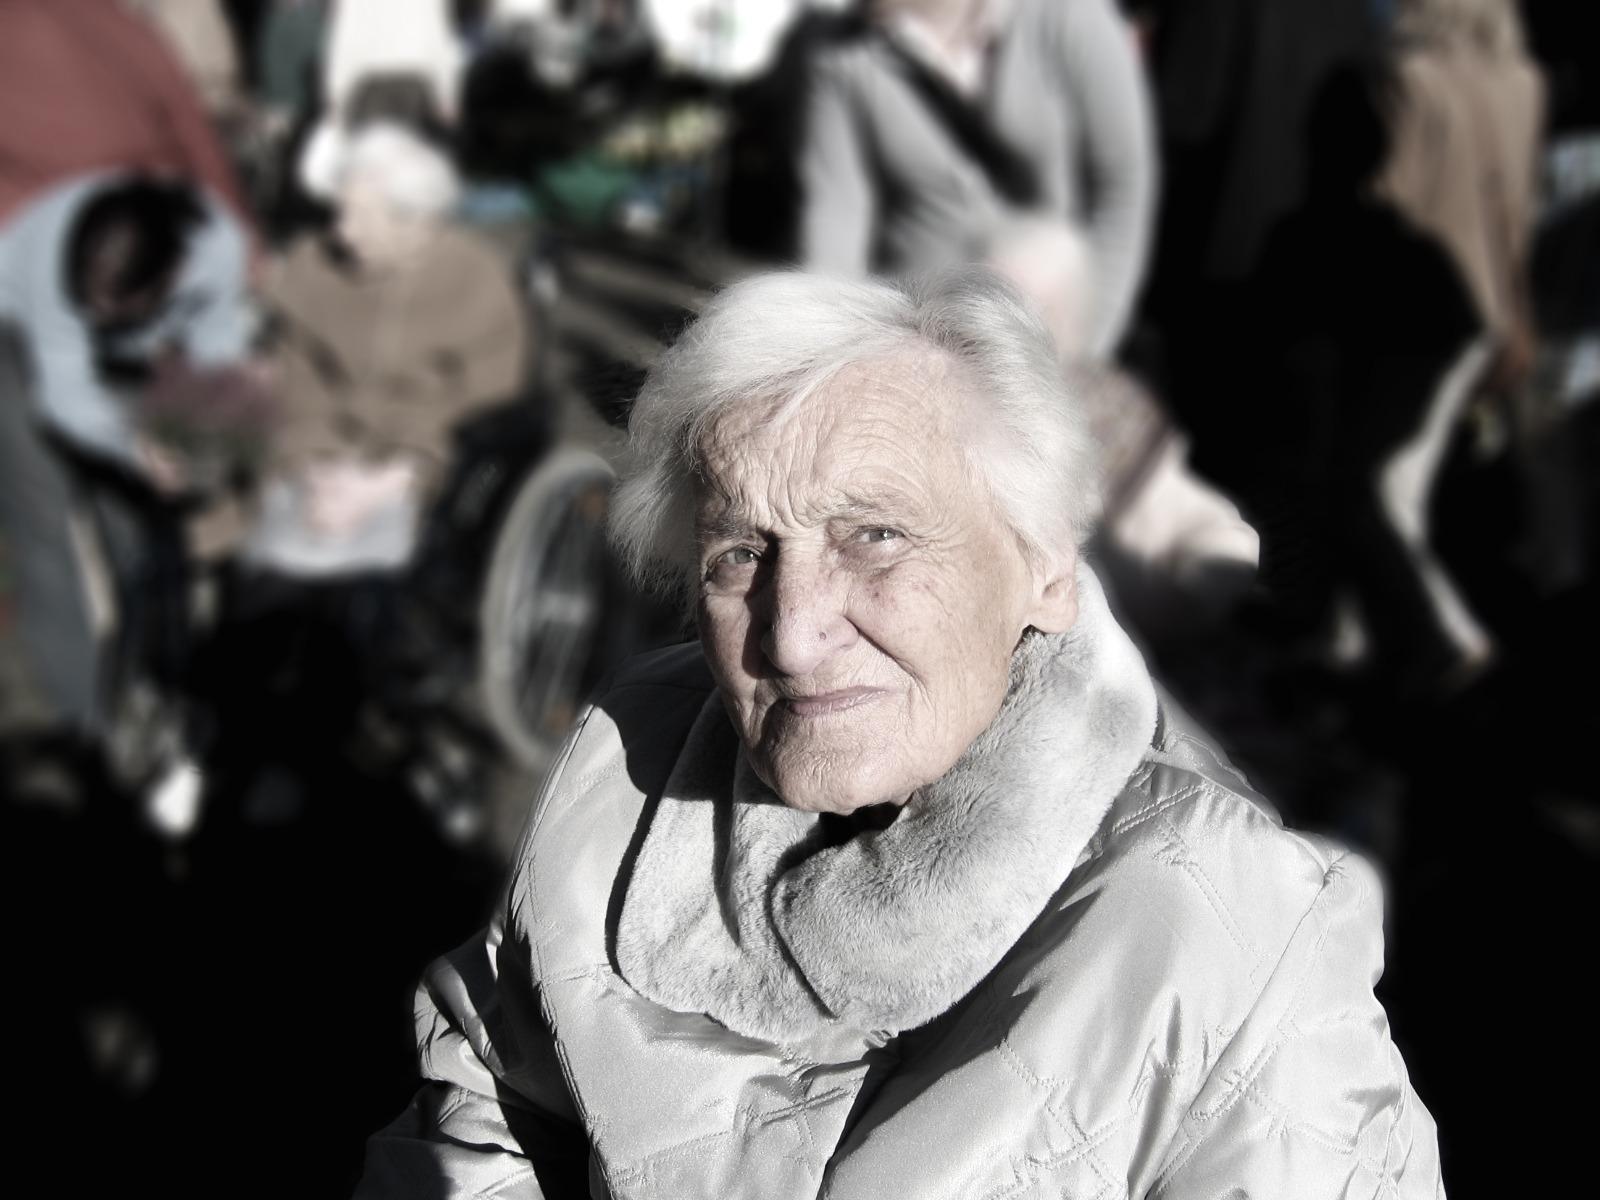 Frau mit Demenz